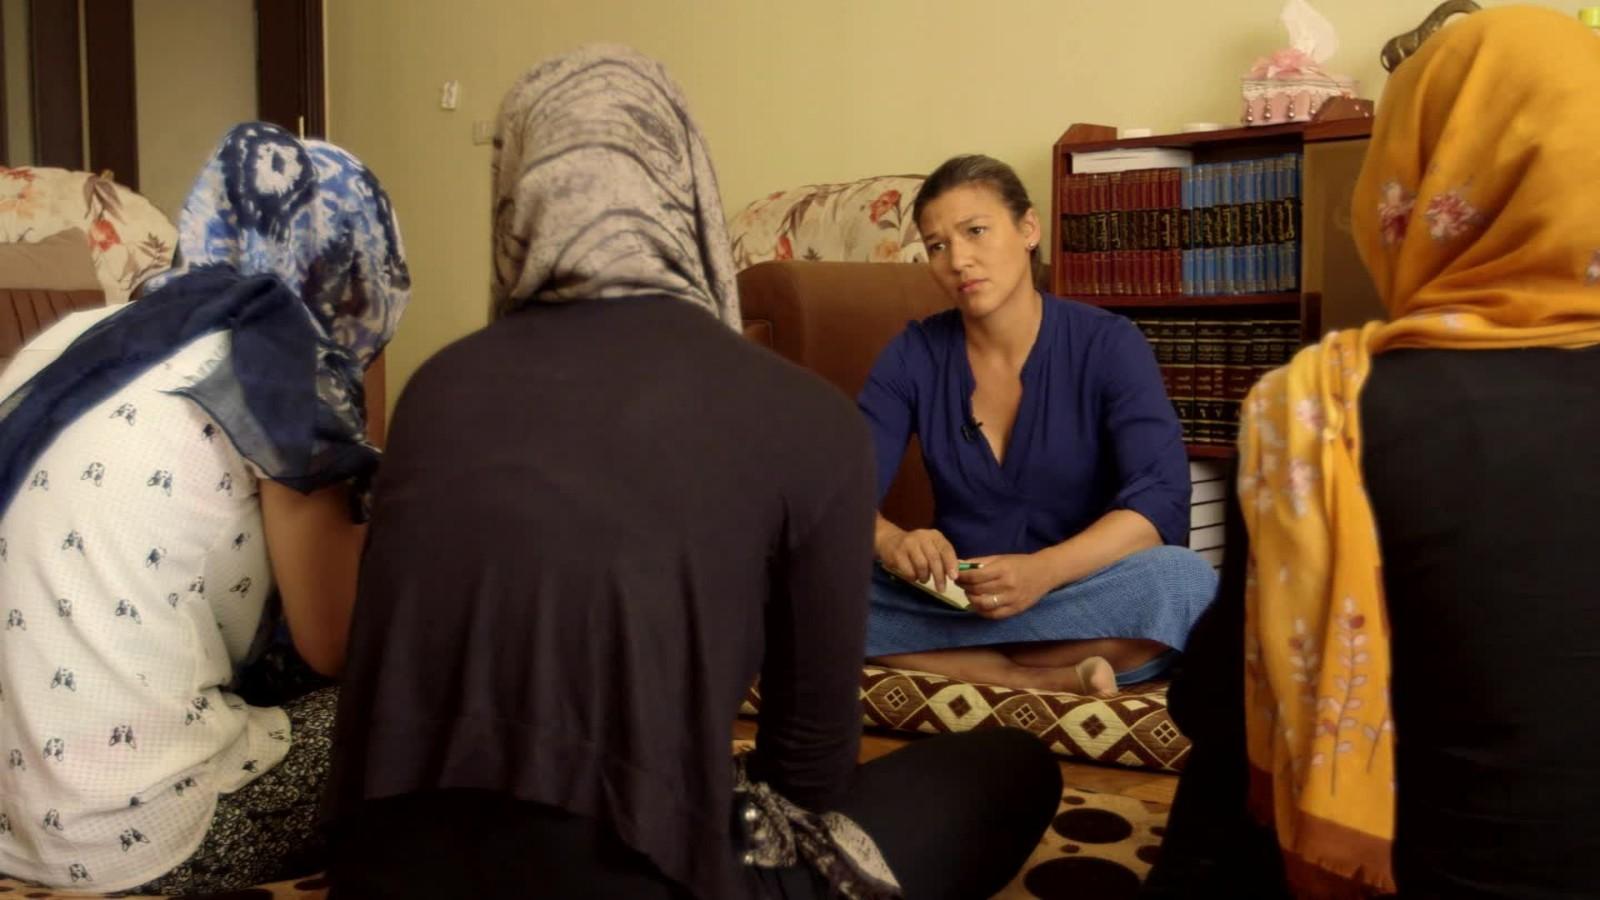 видео секс с береминами две женщины